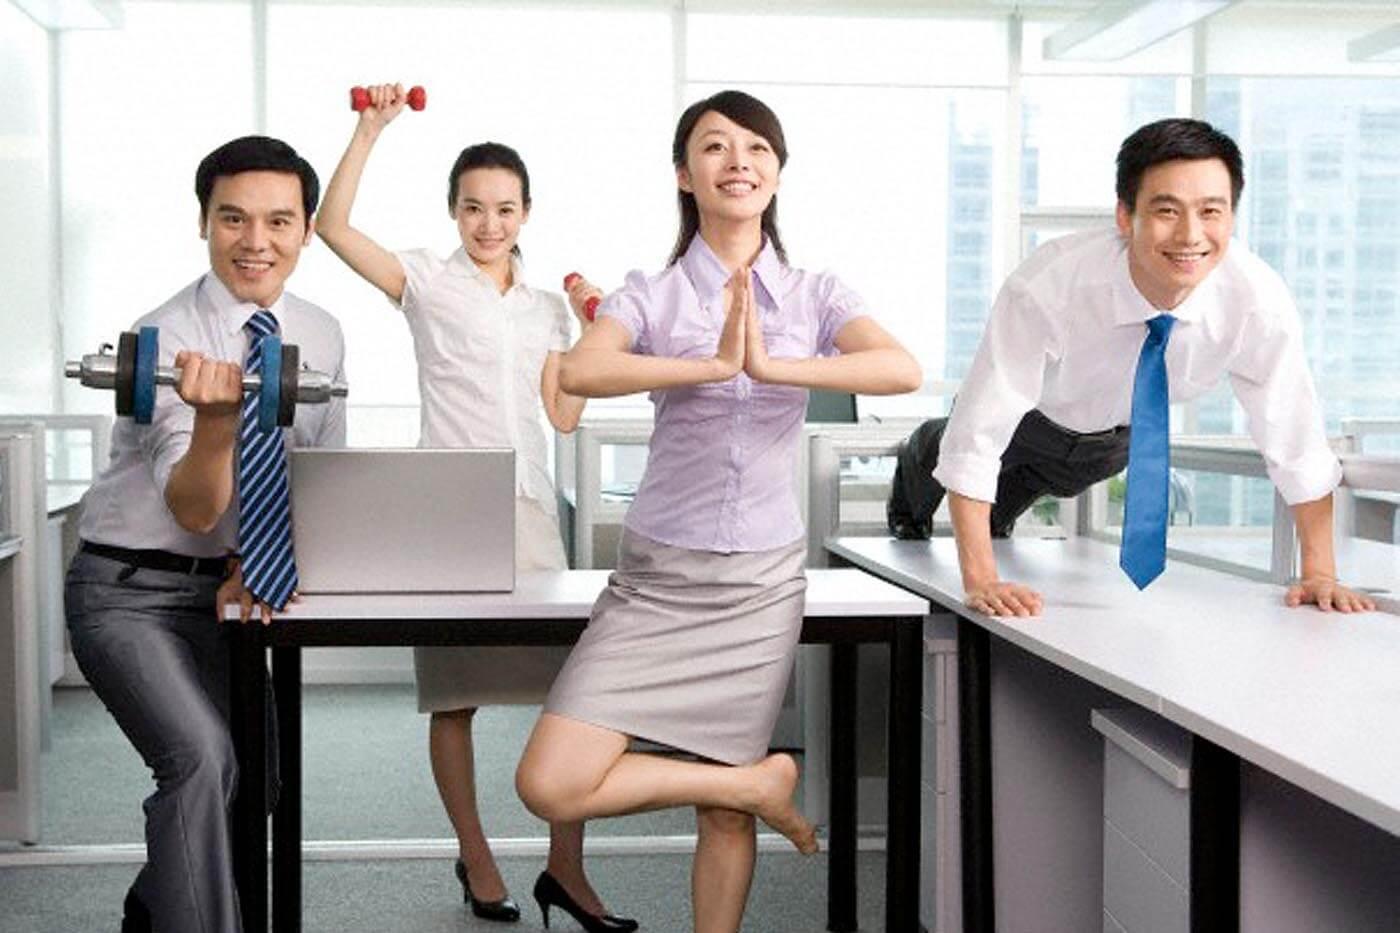 Chẳng-cần-phải-đi-xa,-bạn-cũng-có-thể-xả-stress-ngay-tại-bàn-làm-việc-với-10-thú-vui-tao-nhã-này-4